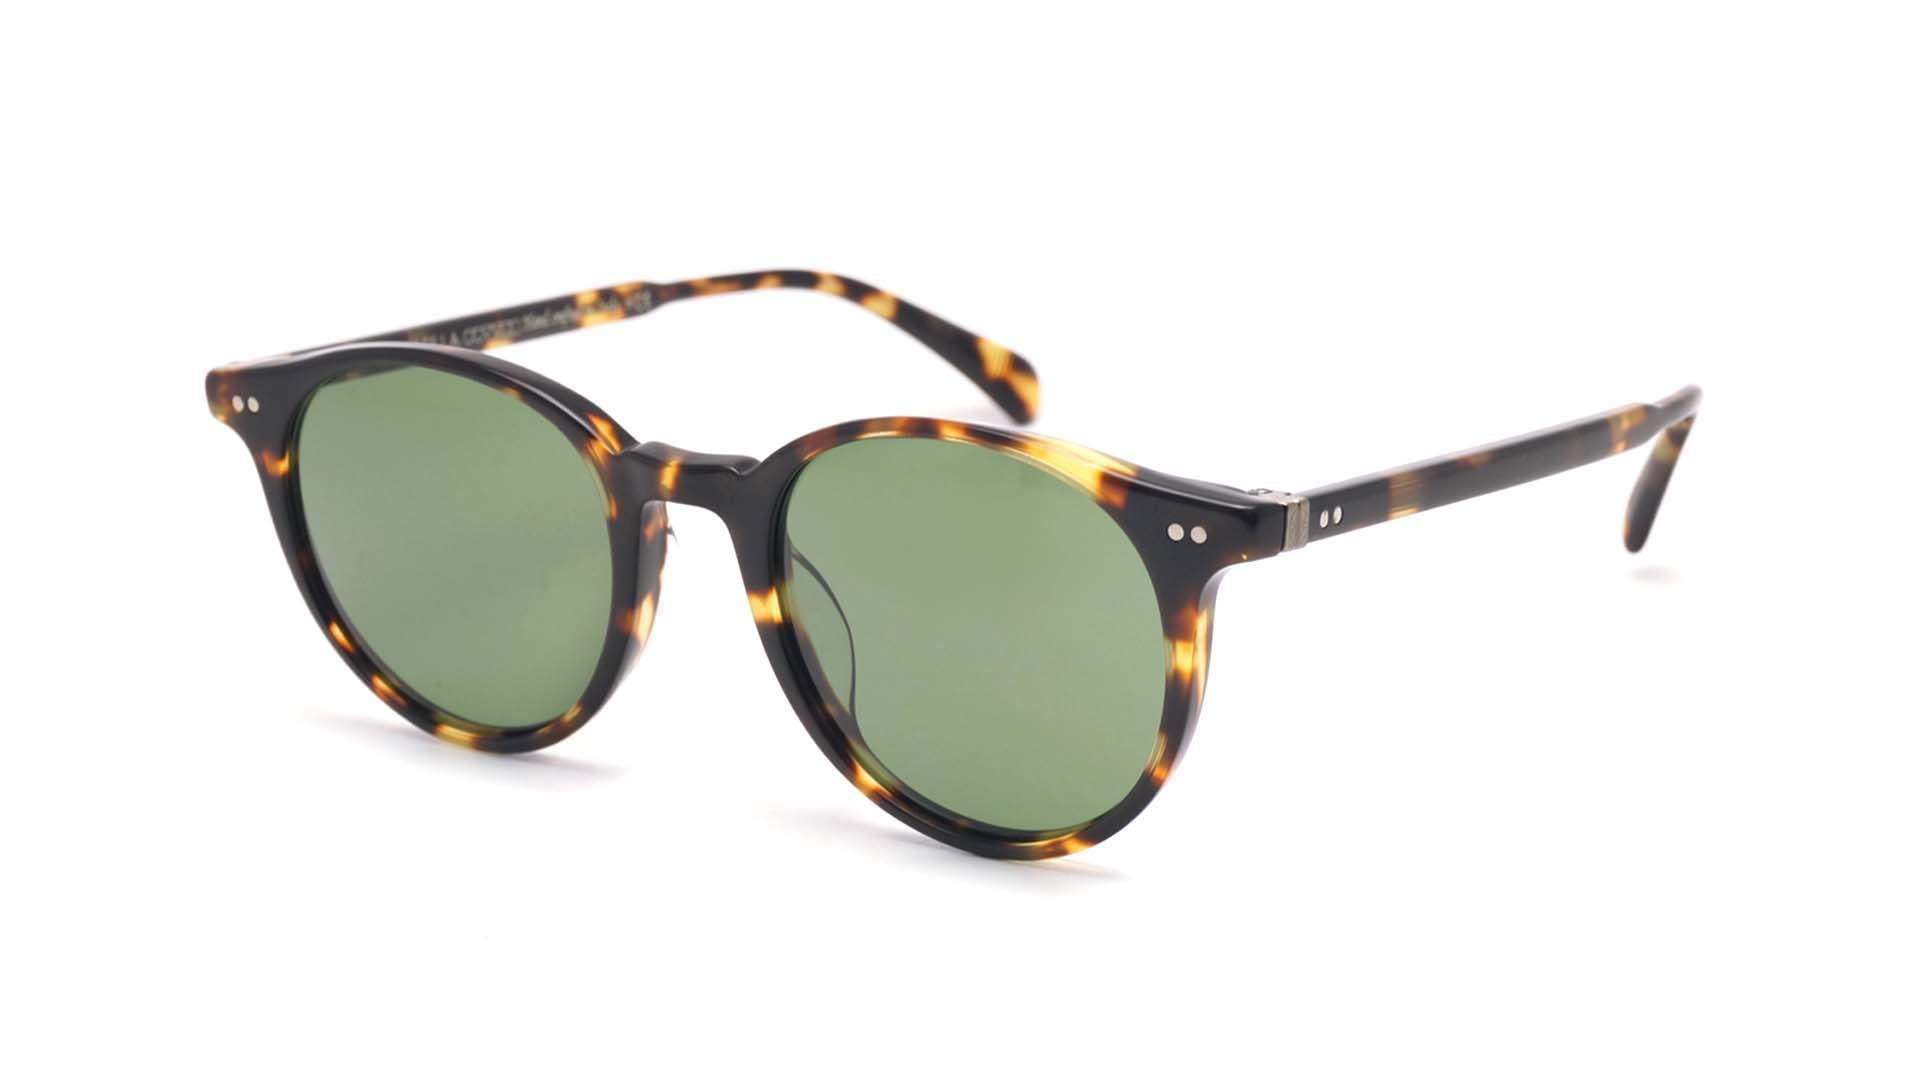 1bc676b31da Sunglasses Oliver peoples Delray sun Tortoise OV5314SU 140752 48-20 Small